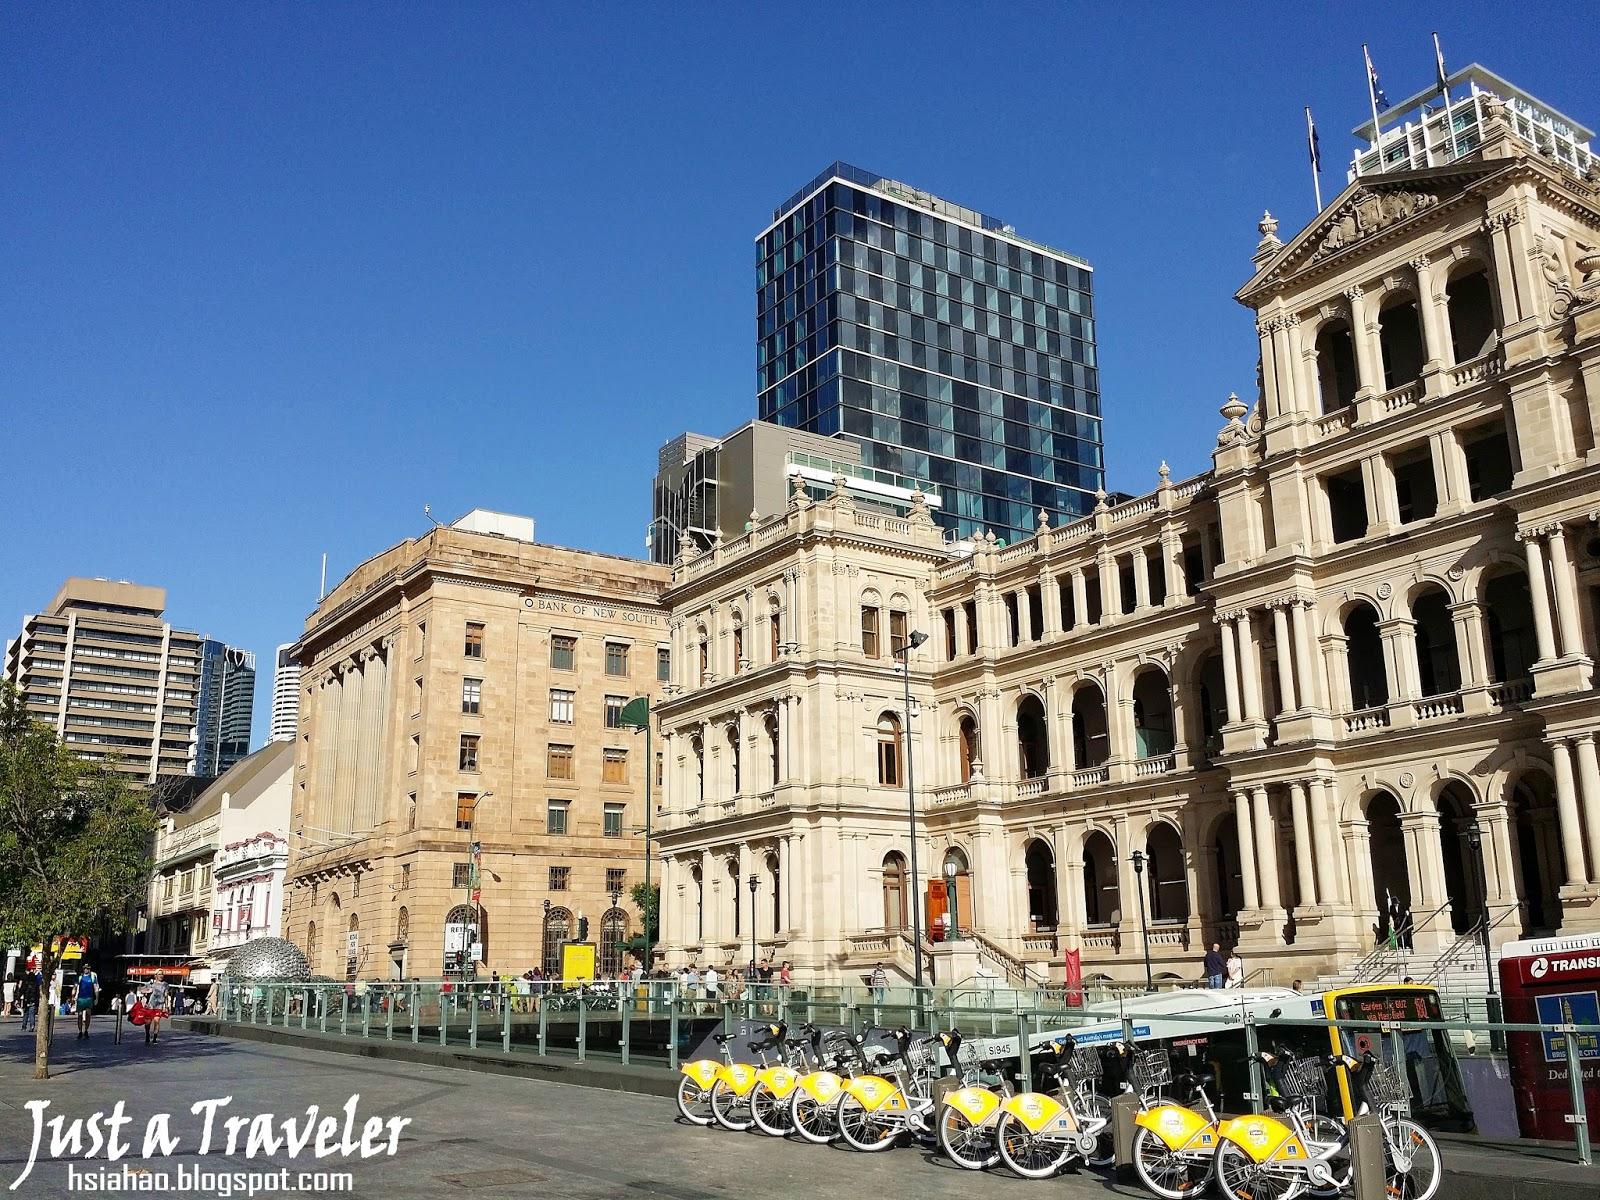 布里斯本-景點-推薦-皇后街-女王街-賭場-Casino-旅遊-自由行-澳洲-Brisbane-Queen-Street-Travel-Tourist-Attraction-Australia